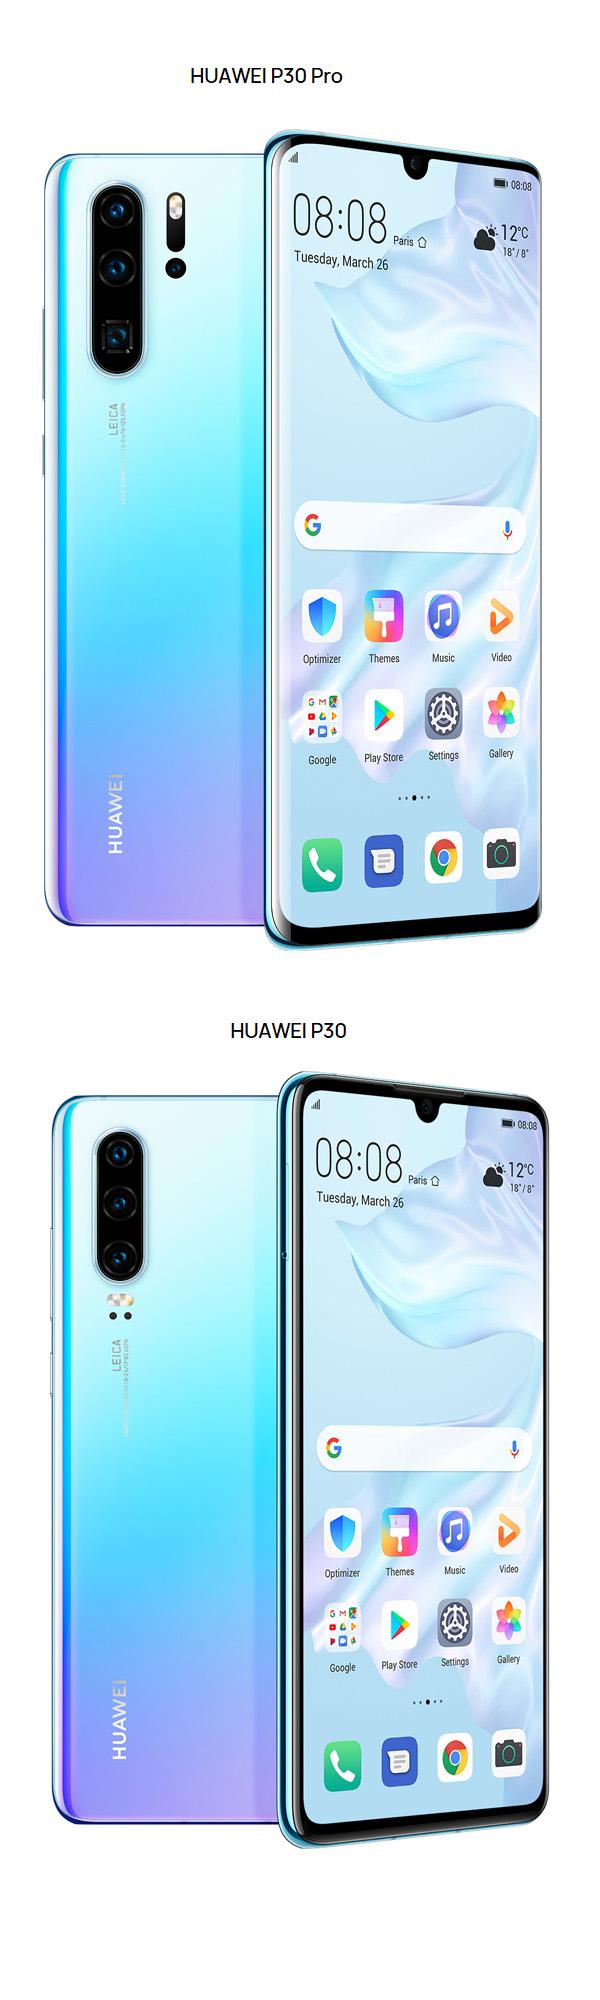 Huawei repousse les limites des appareils photos avec sa nouvelle gamme P30